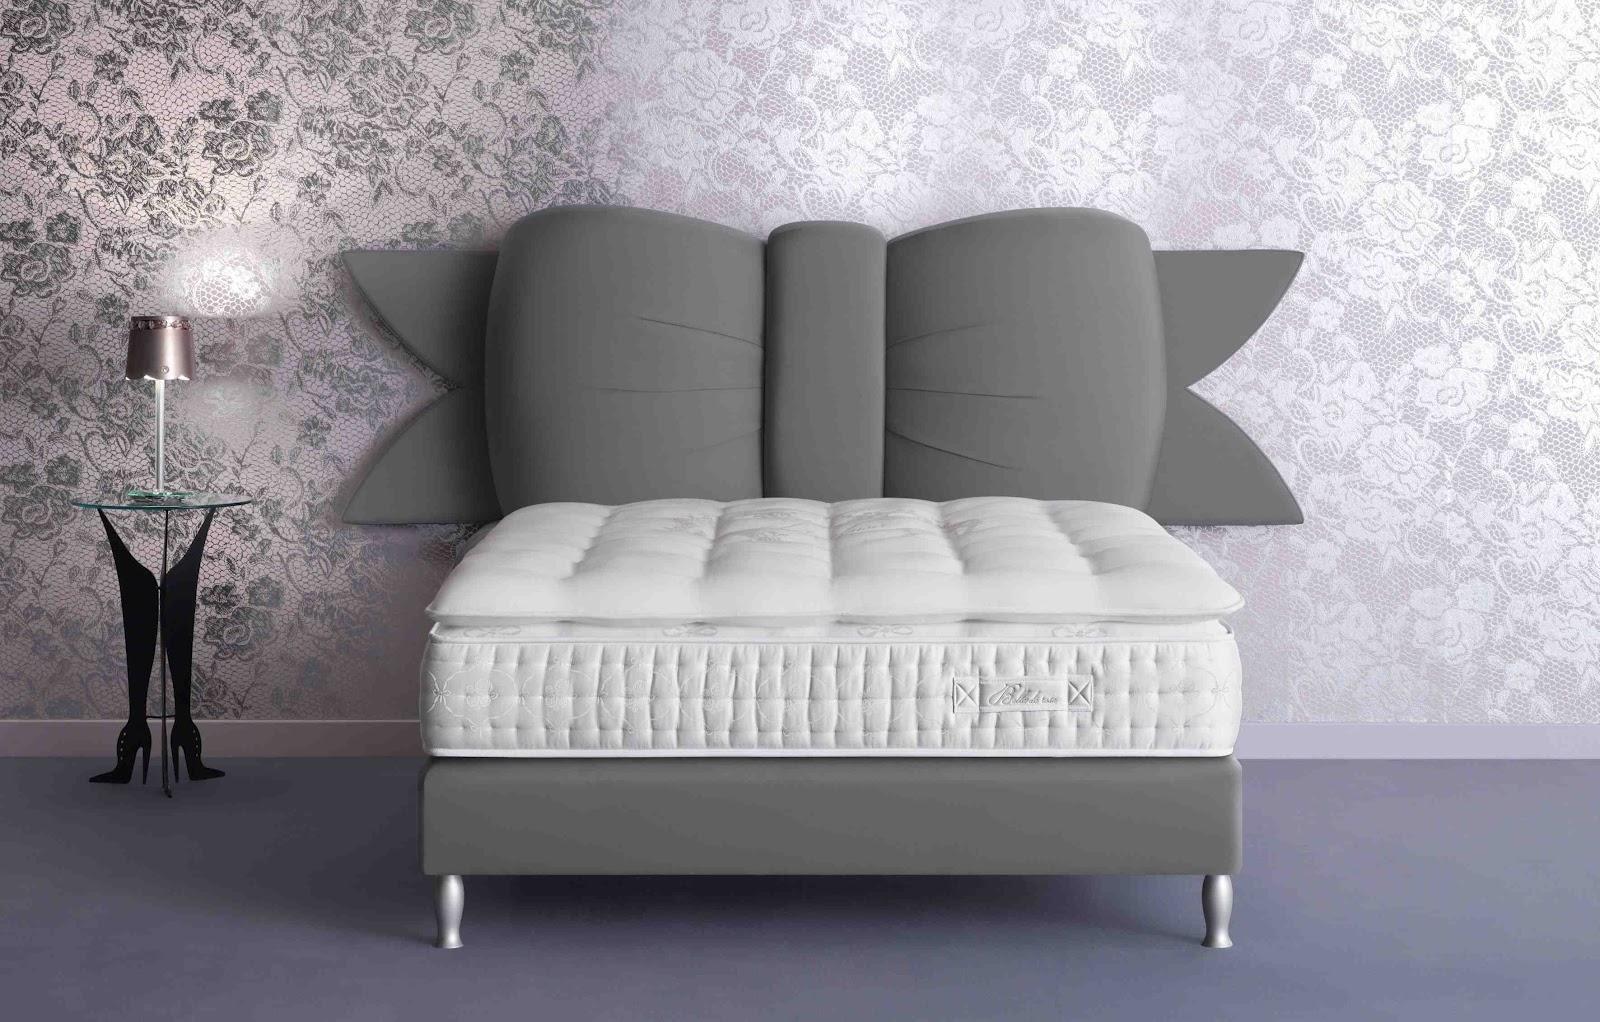 Tête de lit Noeud par Chantal Thomass